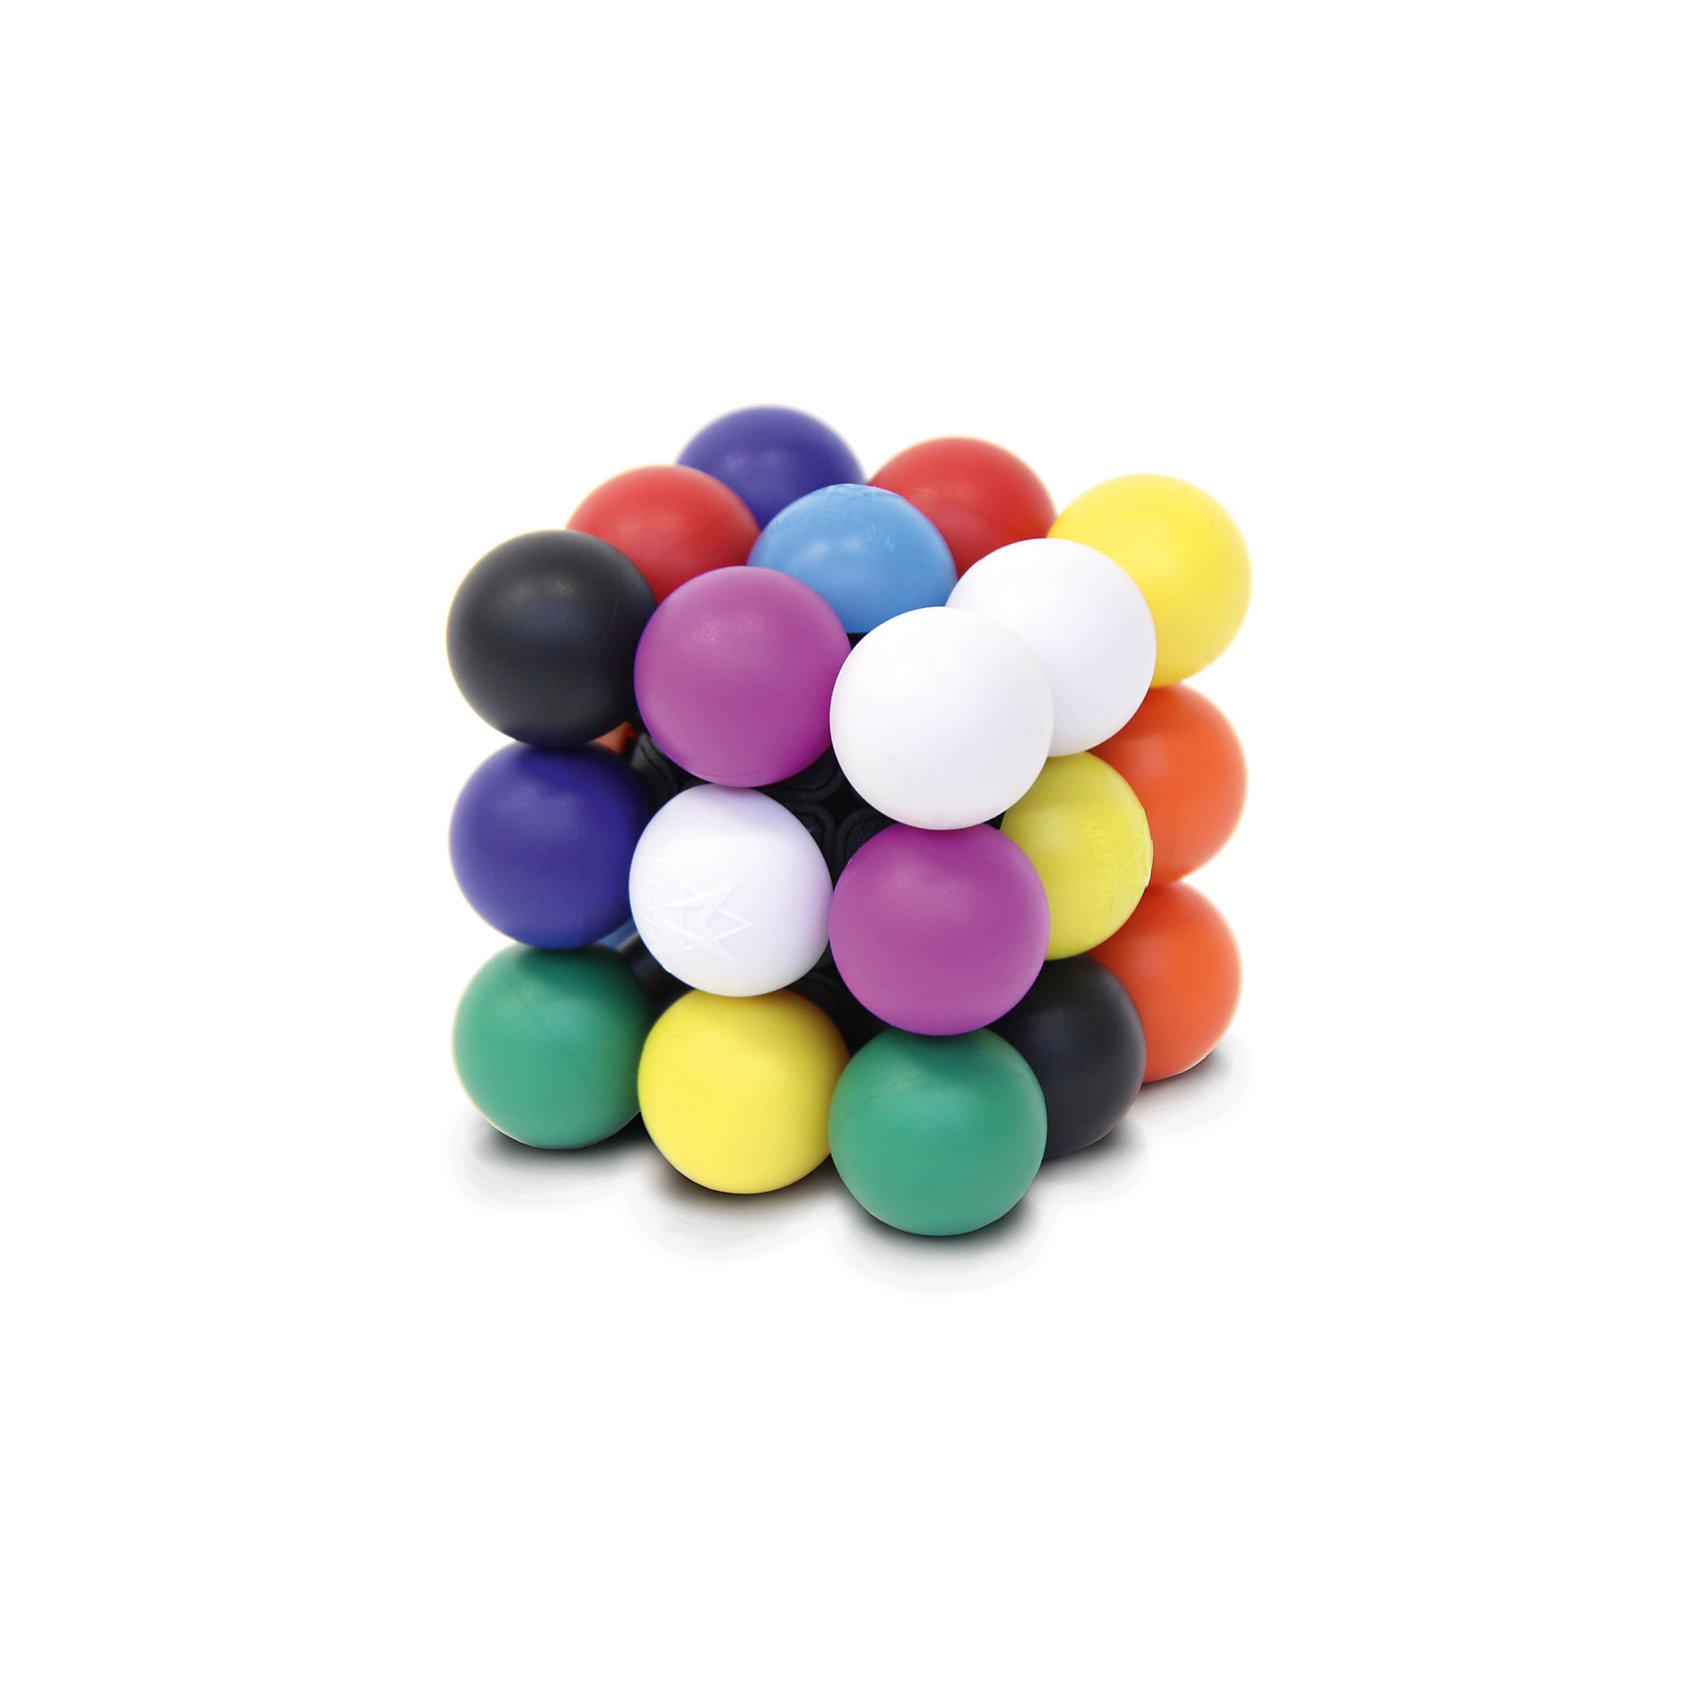 Головоломка Молекуб, MeffertsИгры в дорогу<br>Головоломка Молекуб, Mefferts.<br><br>Характеристики:<br><br>- Возраст: от 7 лет<br>- Размер головоломки: 7х7х7см.<br>- Материал: пластик<br><br>Молекуб от Mefferts – это потрясающая механическая головоломка, которая представляет собой необычный куб, состоящий из 26 молекул – шаров 9 различных цветов. По смыслу этой головоломке подошло бы название Анти-кубик Рубика или кубик Рубика наоборот, ведь задача состоит в том, чтобы собрать на каждой стороне 9 шариков разного цвета. Молекуб так же понравится любителям Судоку. Если предположить, что каждый цвет можно обозначить цифрой от 1 до 9 и у нас всего 26 таких цифр, которые нужно расставить на 6 сторонах куба, то получается, что Молекуб - это такая цветная 3D-Судоку, решить которую весьма непросто. Бренд Mefferts всегда славился своим качеством, вниманием к деталям и дизайном. В Молекубе они превзошли сами себя! Превосходный механизм с щелчками, которые очень приятно ощущаются в руках. Яркие цвета и первоклассный пластик. Никакой окраски - каждый шарик сделан из пластика соответствующего цвета. Головоломка Молекуб произведет впечатление на любого человека, а для коллекционера головоломок станет настоящей жемчужиной.<br><br>Головоломку Молекуб, Mefferts можно купить в нашем интернет-магазине.<br><br>Ширина мм: 105<br>Глубина мм: 110<br>Высота мм: 130<br>Вес г: 350<br>Возраст от месяцев: 84<br>Возраст до месяцев: 2147483647<br>Пол: Унисекс<br>Возраст: Детский<br>SKU: 5348110